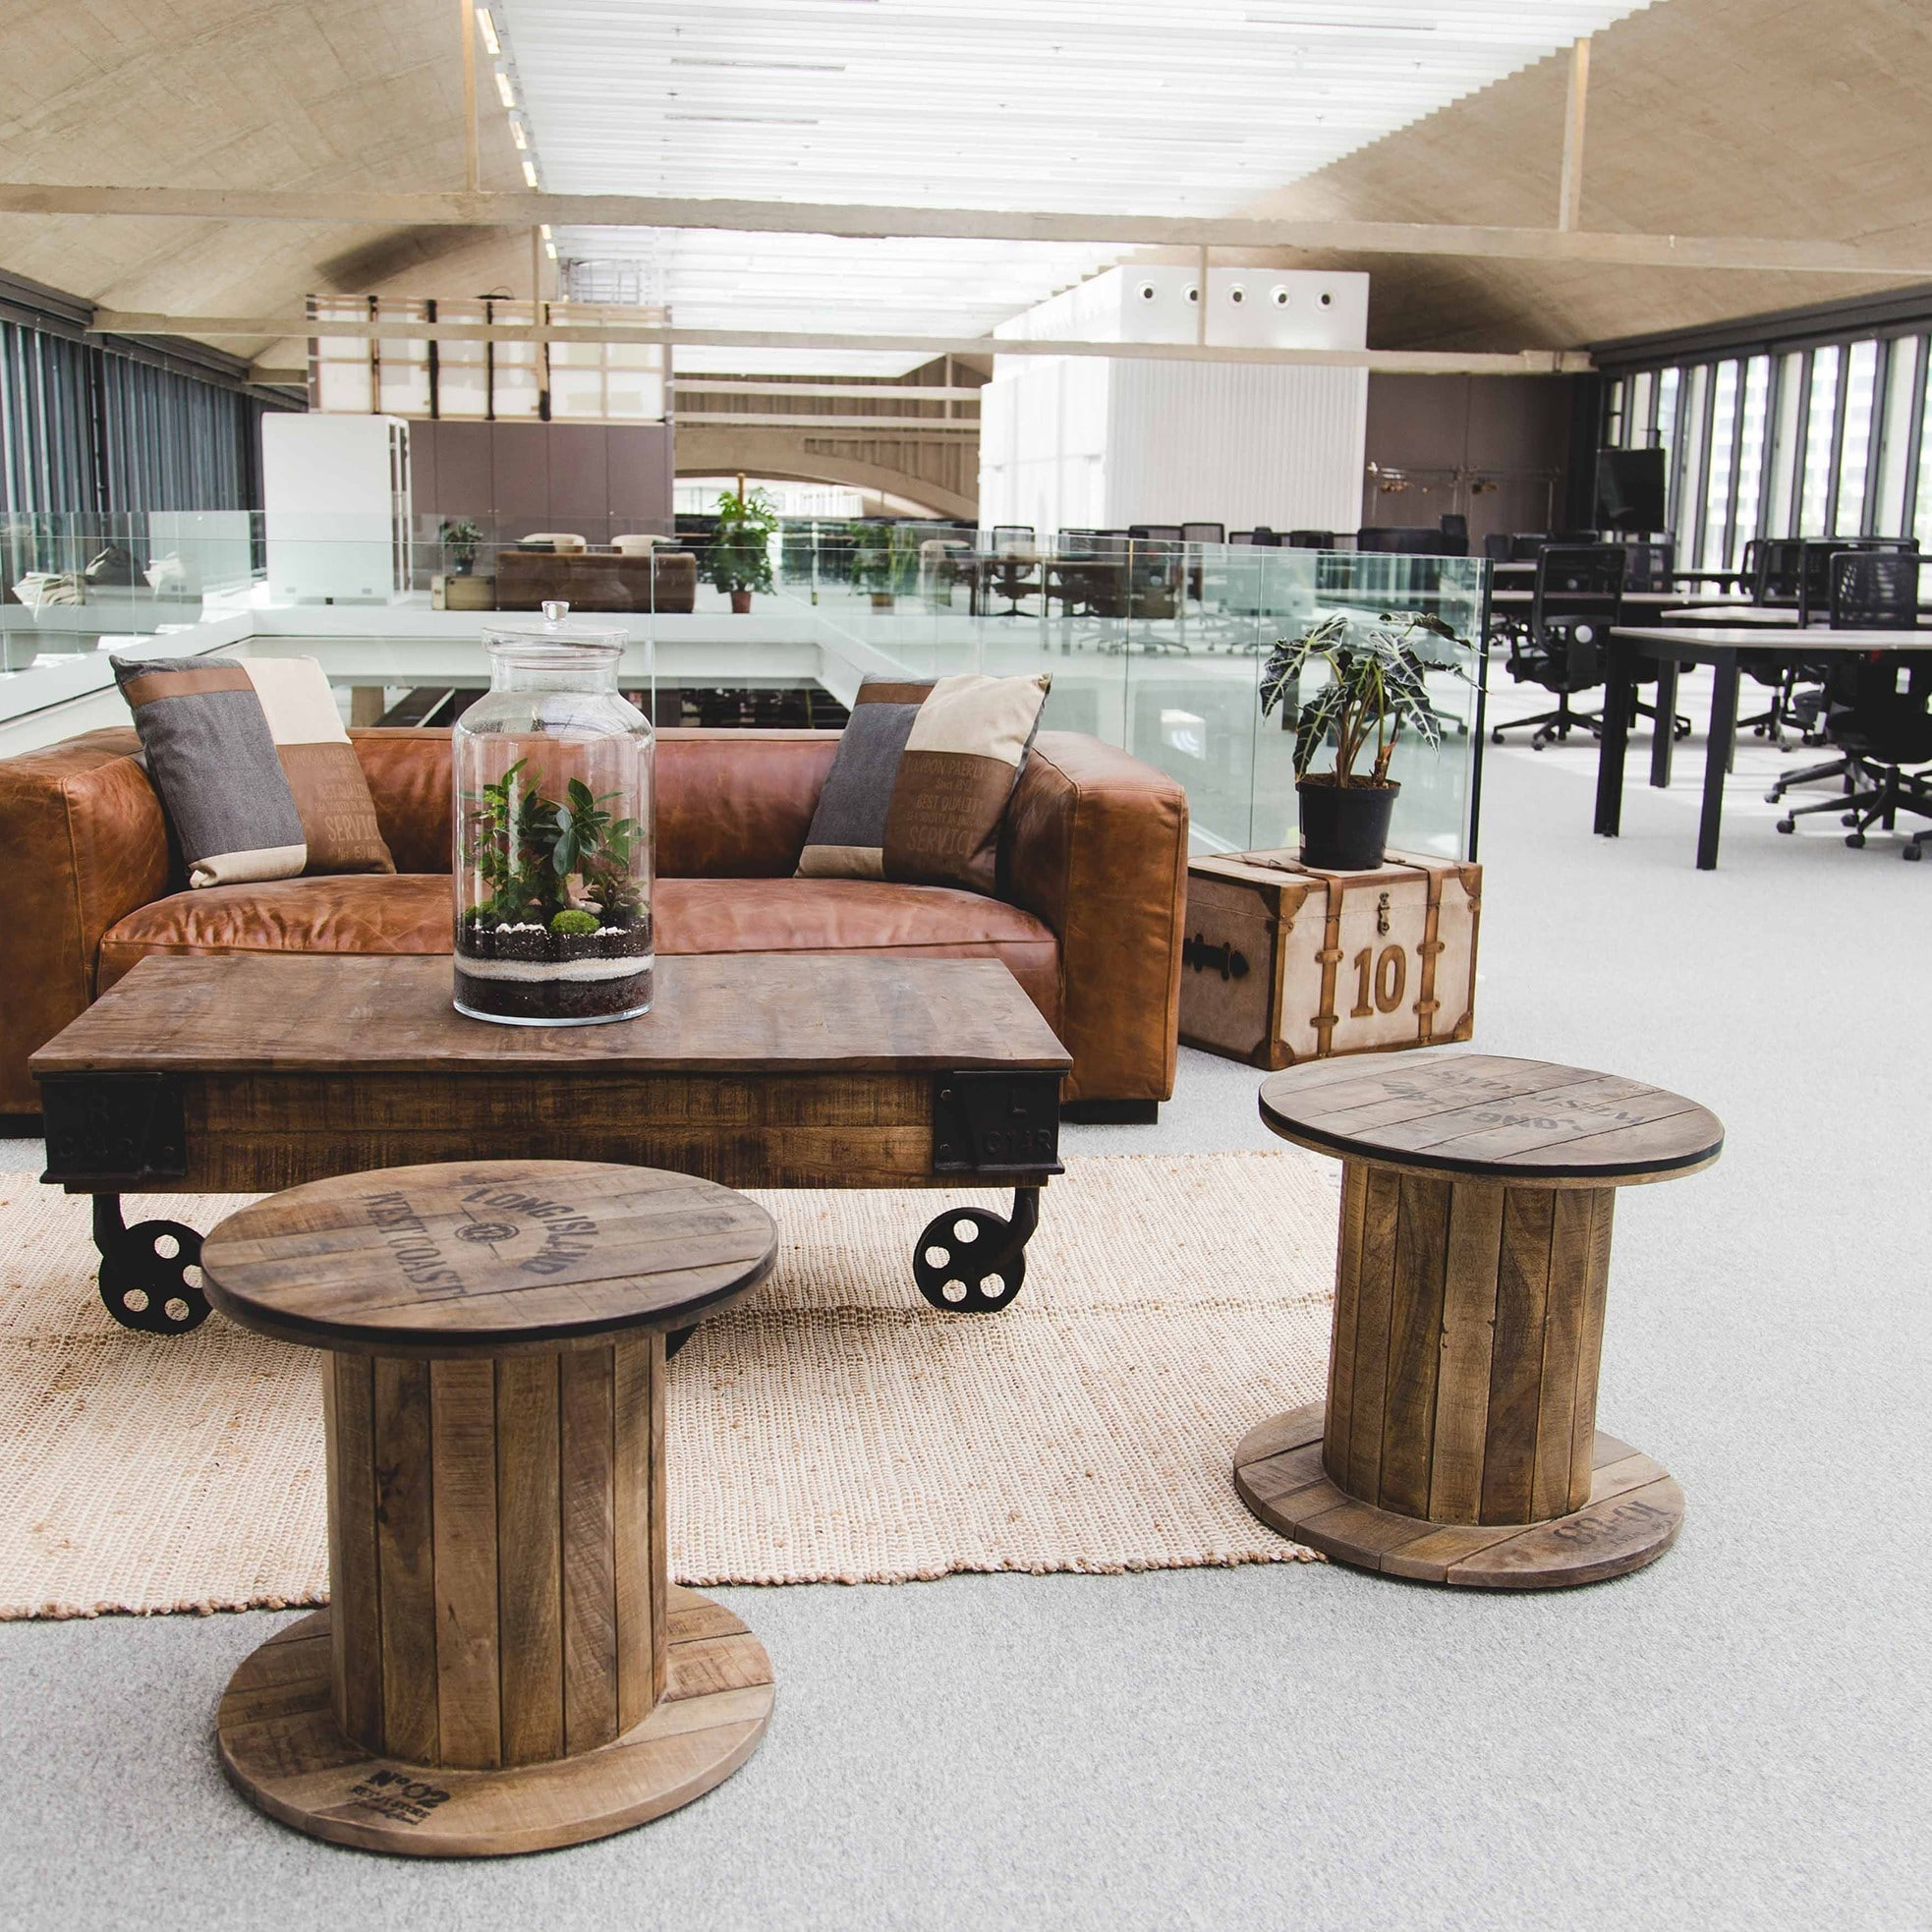 meuble stockholm maison du monde affordable marvelous meuble stockholm maison du monde meilleur. Black Bedroom Furniture Sets. Home Design Ideas